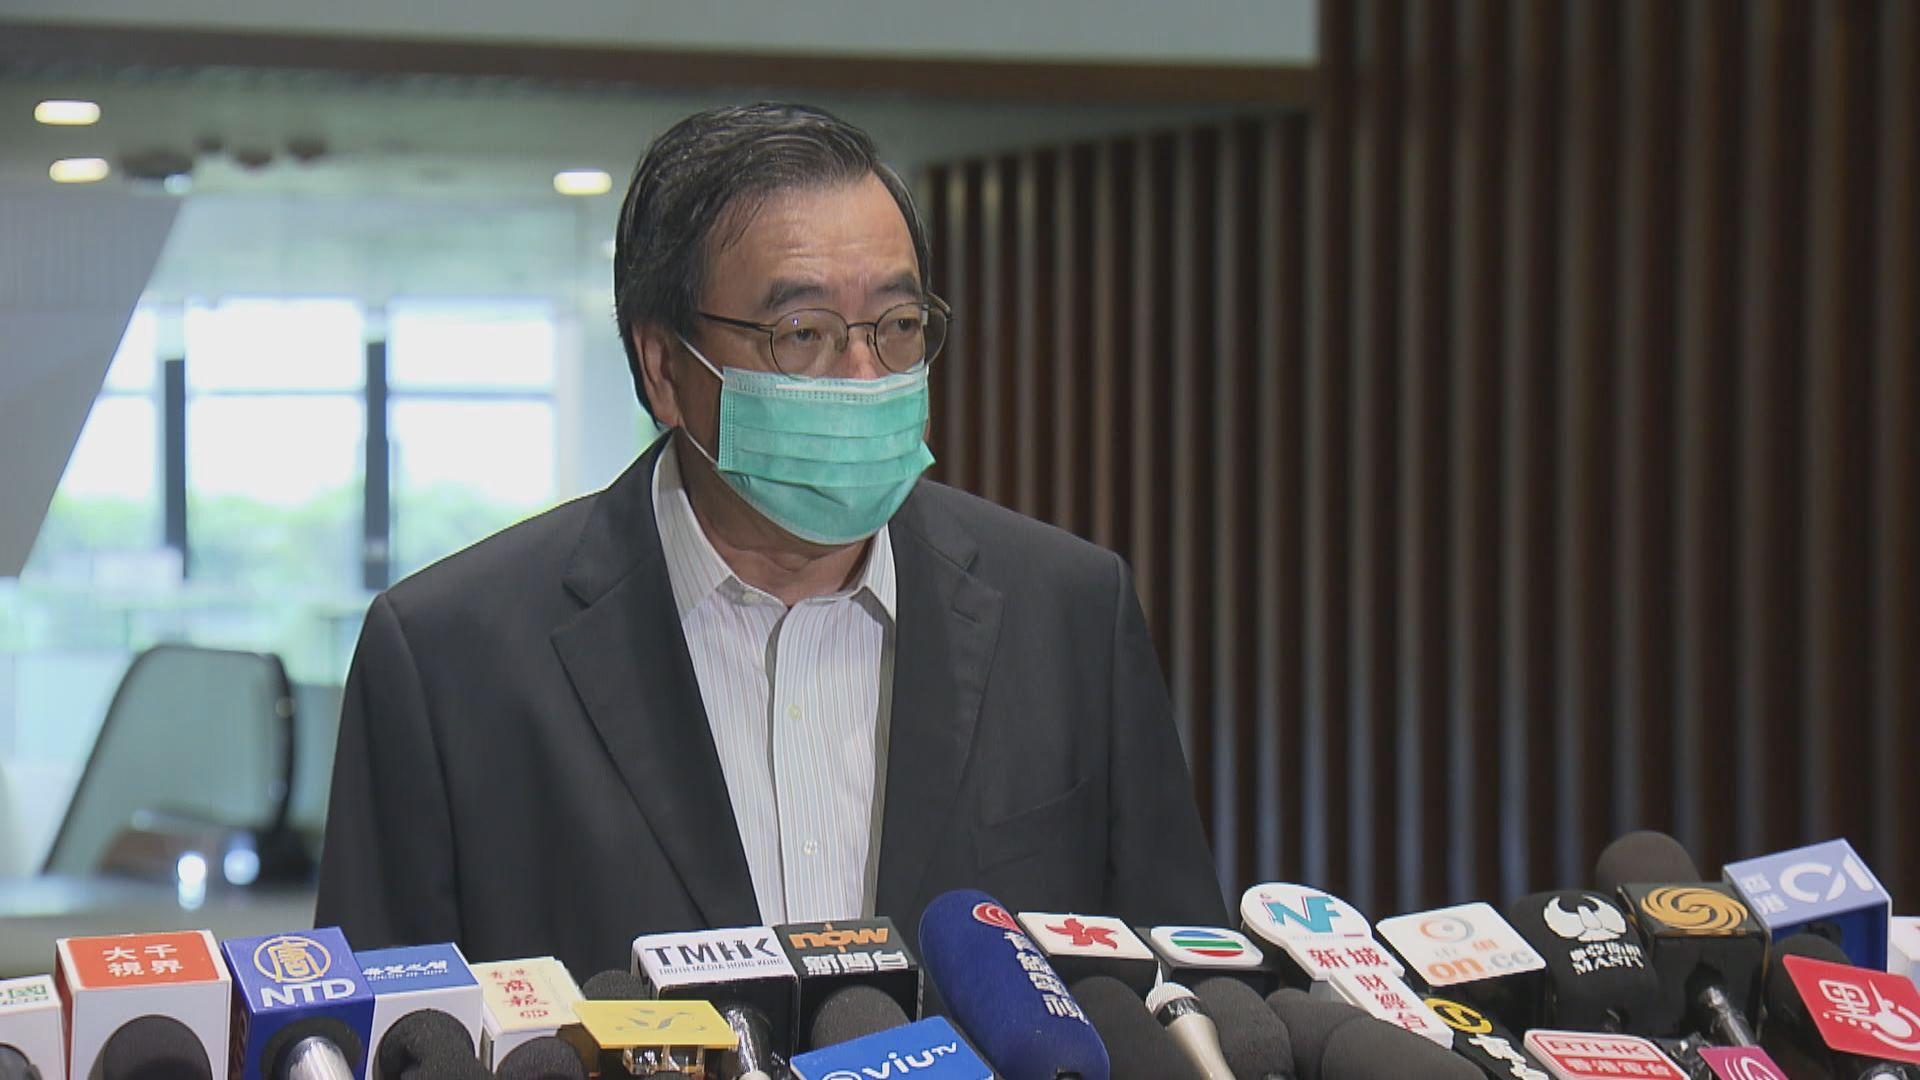 梁君彥對中央在港立國安法表示尊重、理解及支持